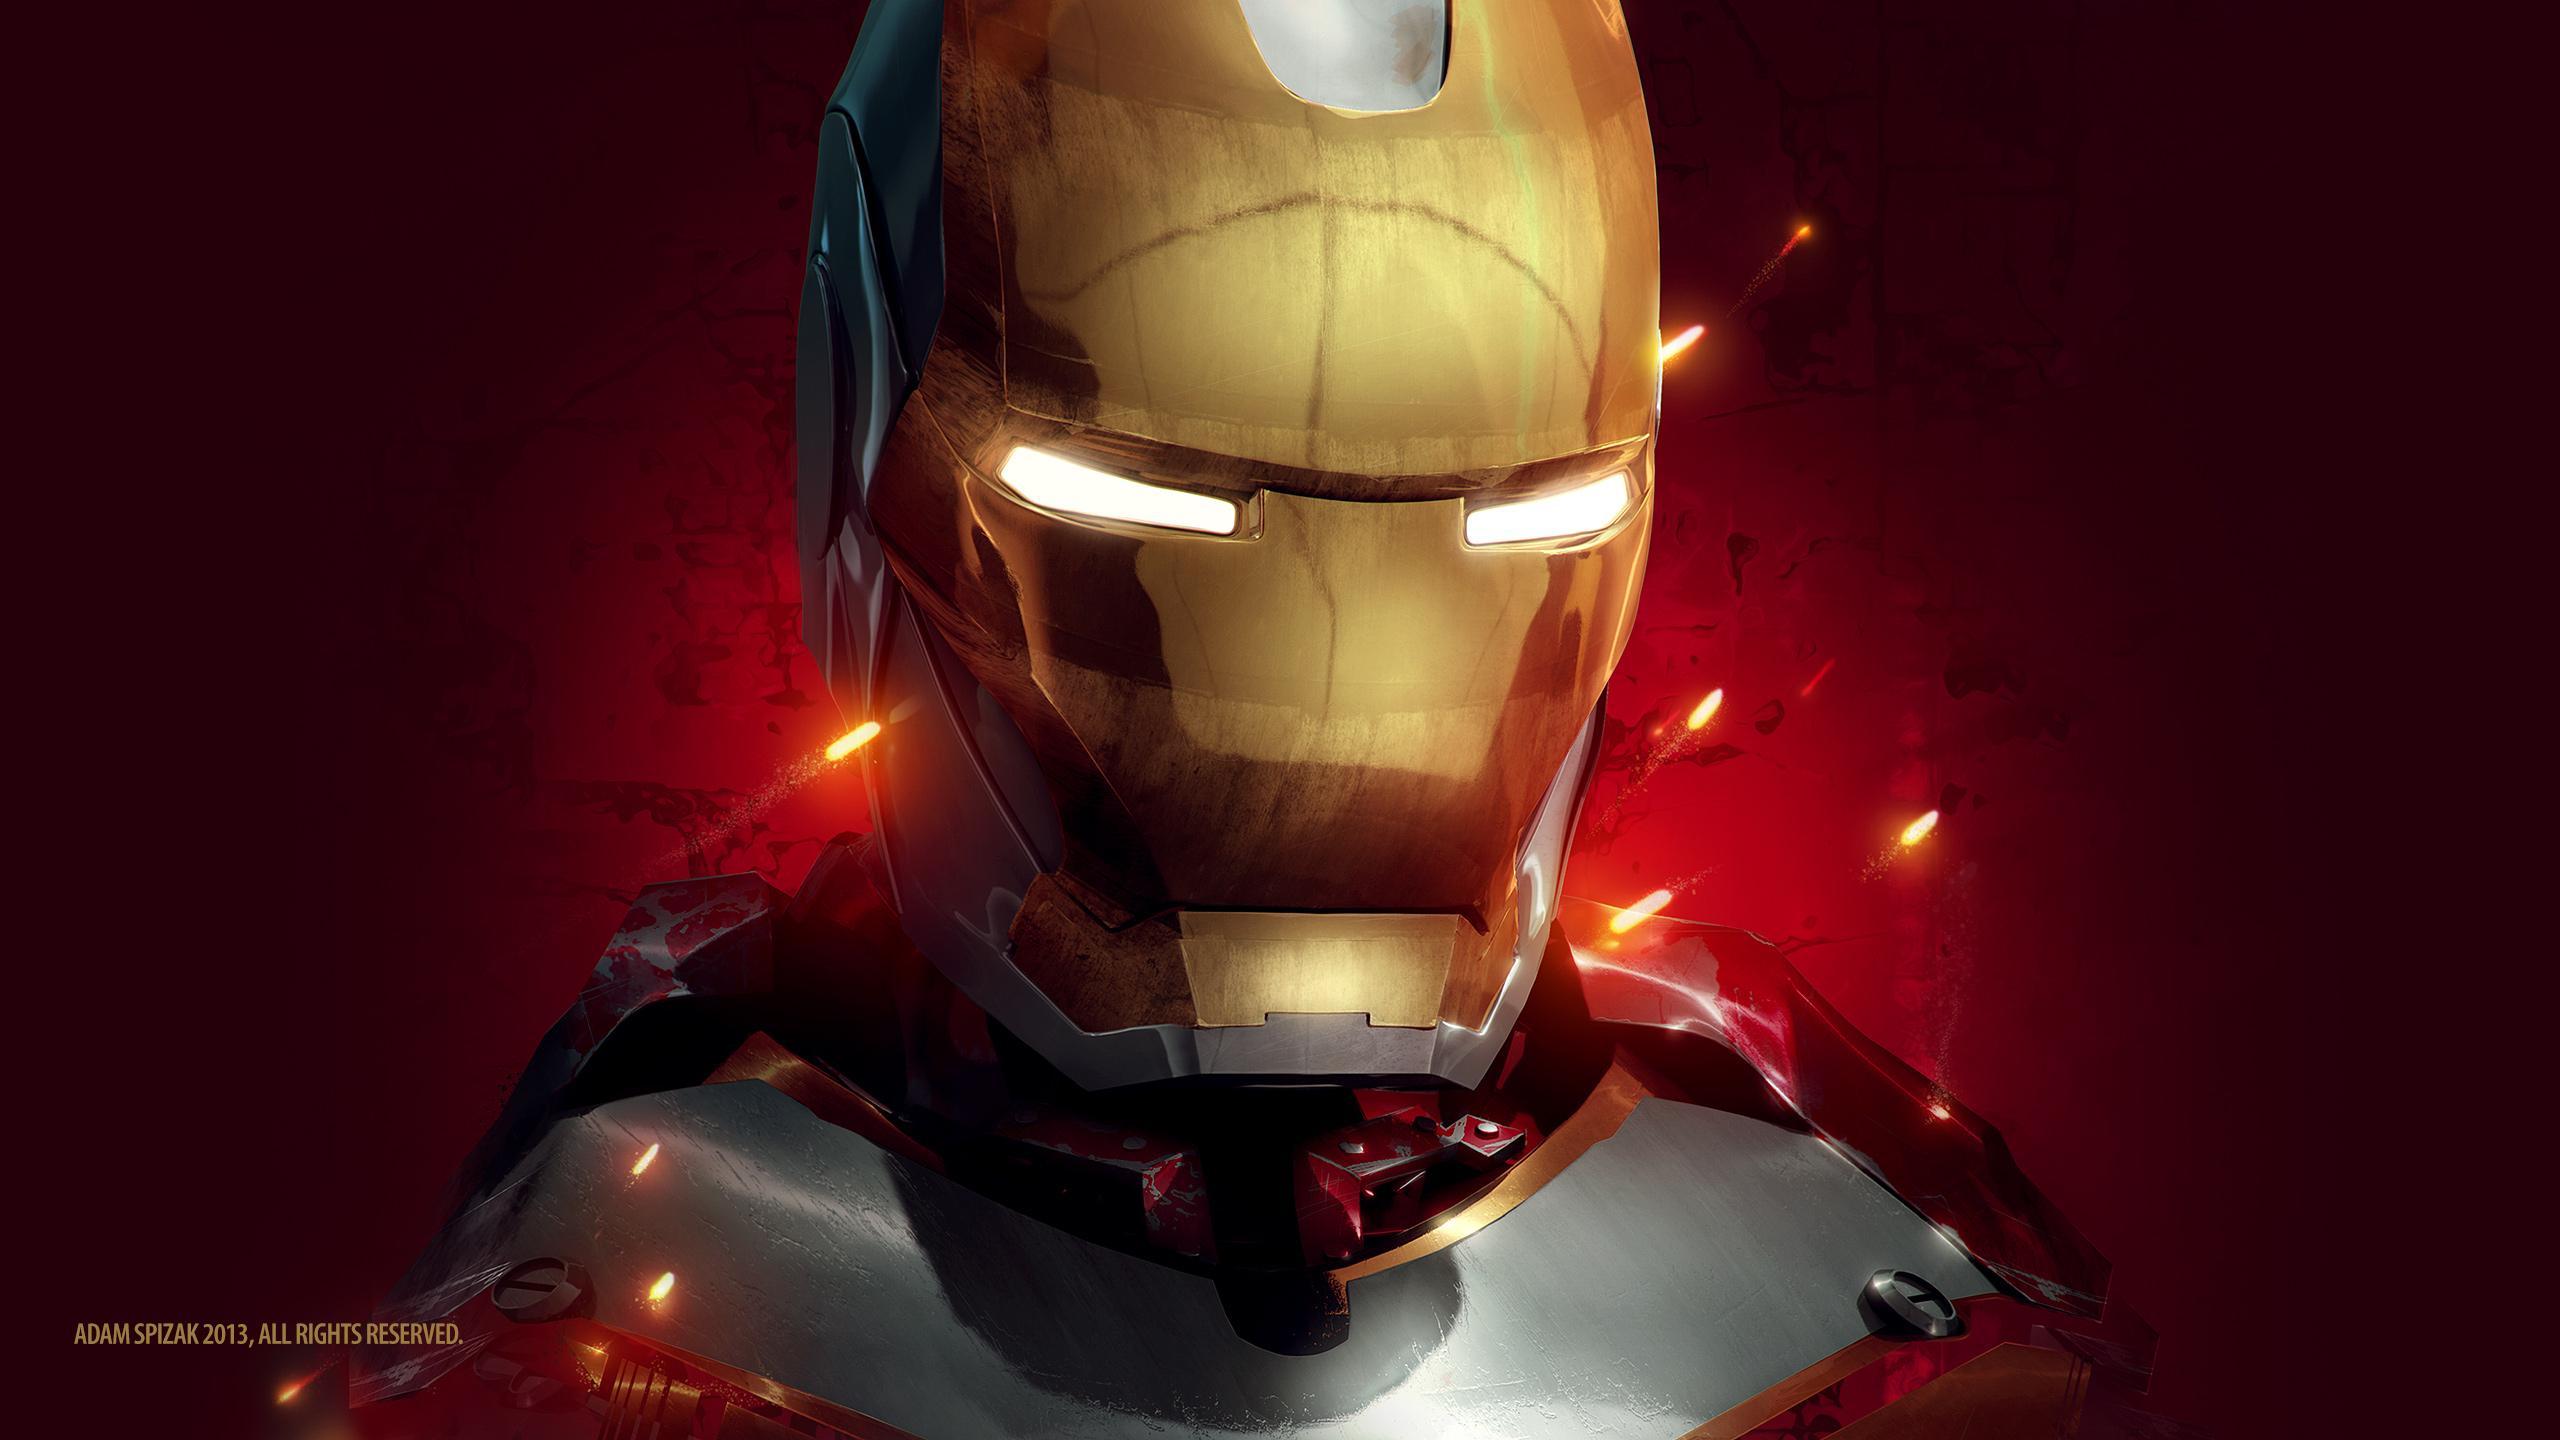 Iron man artwork. обои скачать